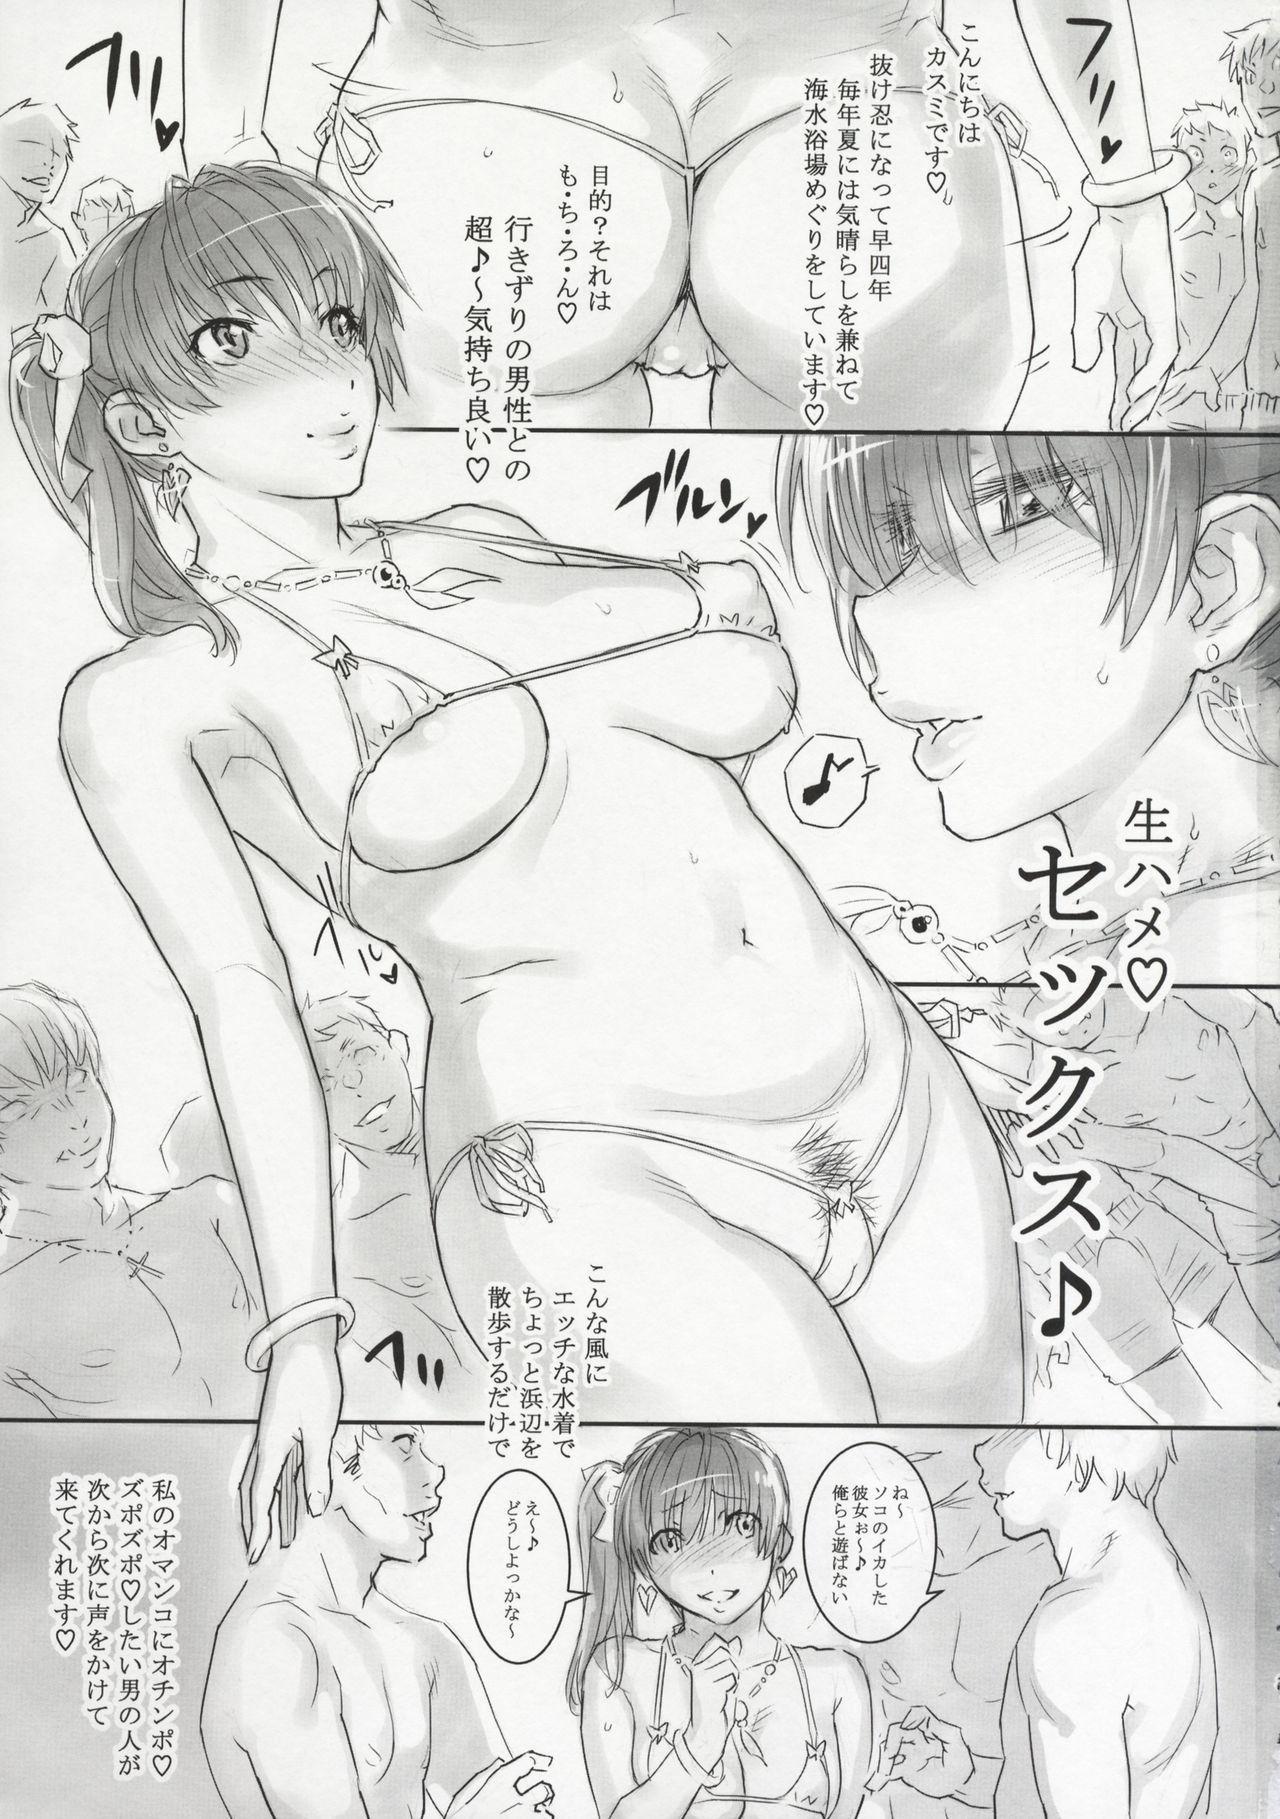 Kasumi-chan to Nobetumakunashi 7 1